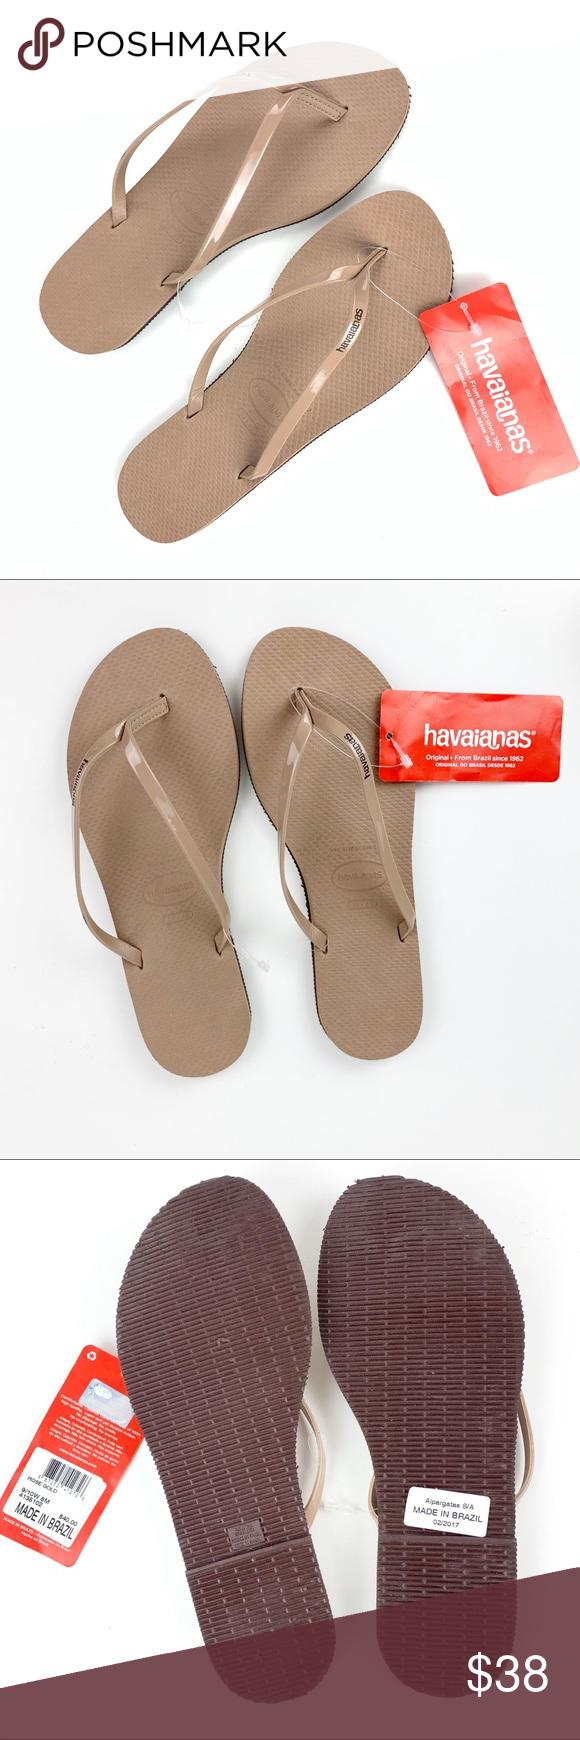 e76e4fbb06e NWT HAVAIANAS Rose Gold  Nude Flip Flip Sandals NWT Havaiana s Rose Gold  Flip flops.